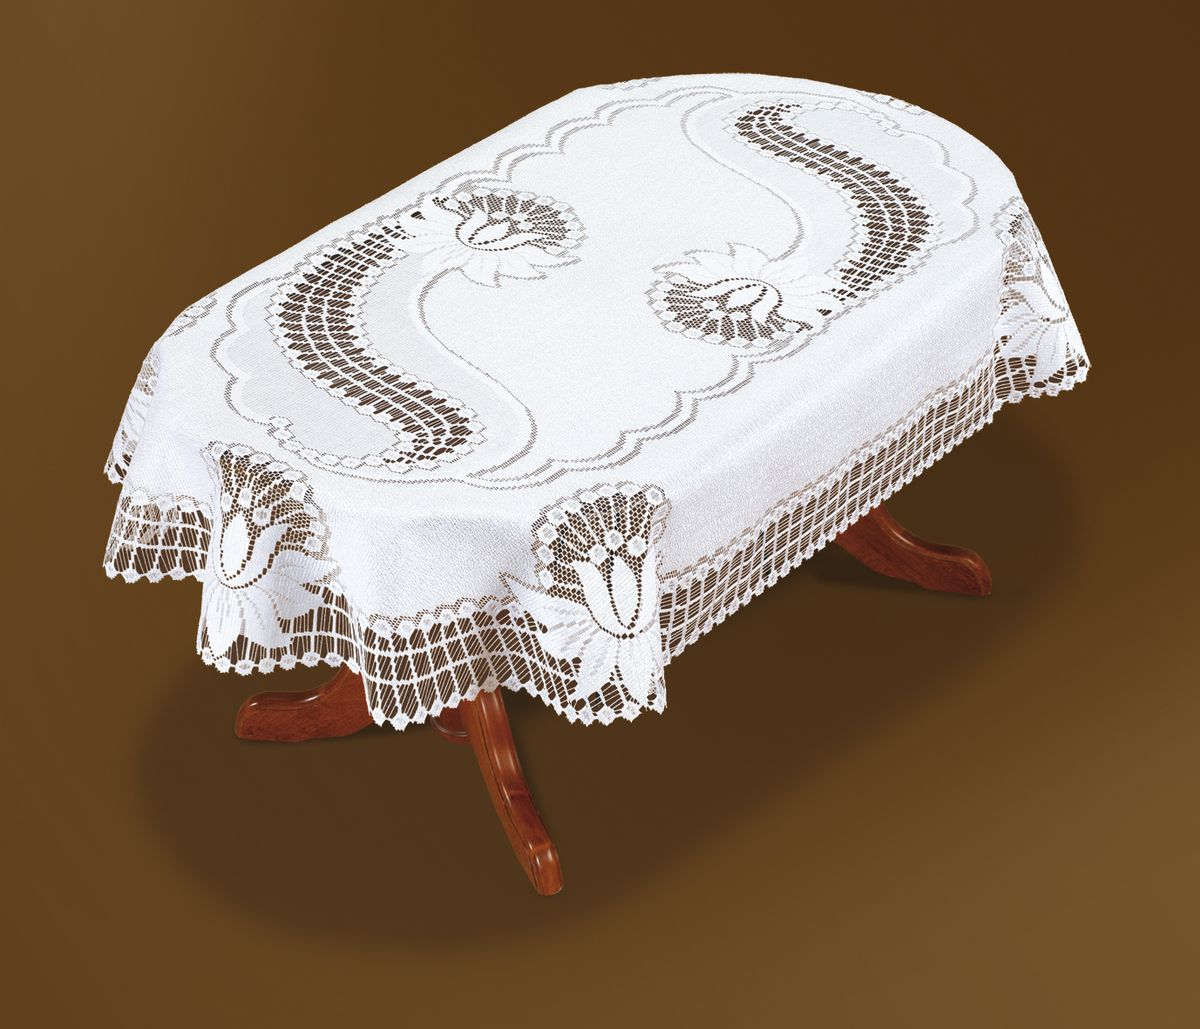 Скатерть Haft, овальная, цвет: белый, 150x 100 см. 46081-10046081-100Великолепная овальная скатерть Haft, выполненная из полиэстера, органично впишется в интерьер любого помещения, а оригинальный дизайн удовлетворит даже самый изысканный вкус. Скатерть изготовлена из сетчатого материала с ажурным рисунком. Края скатерти закруглены.Скатерть Haft создаст праздничное настроение и станет прекрасным дополнением интерьера гостиной, кухни или столовой.